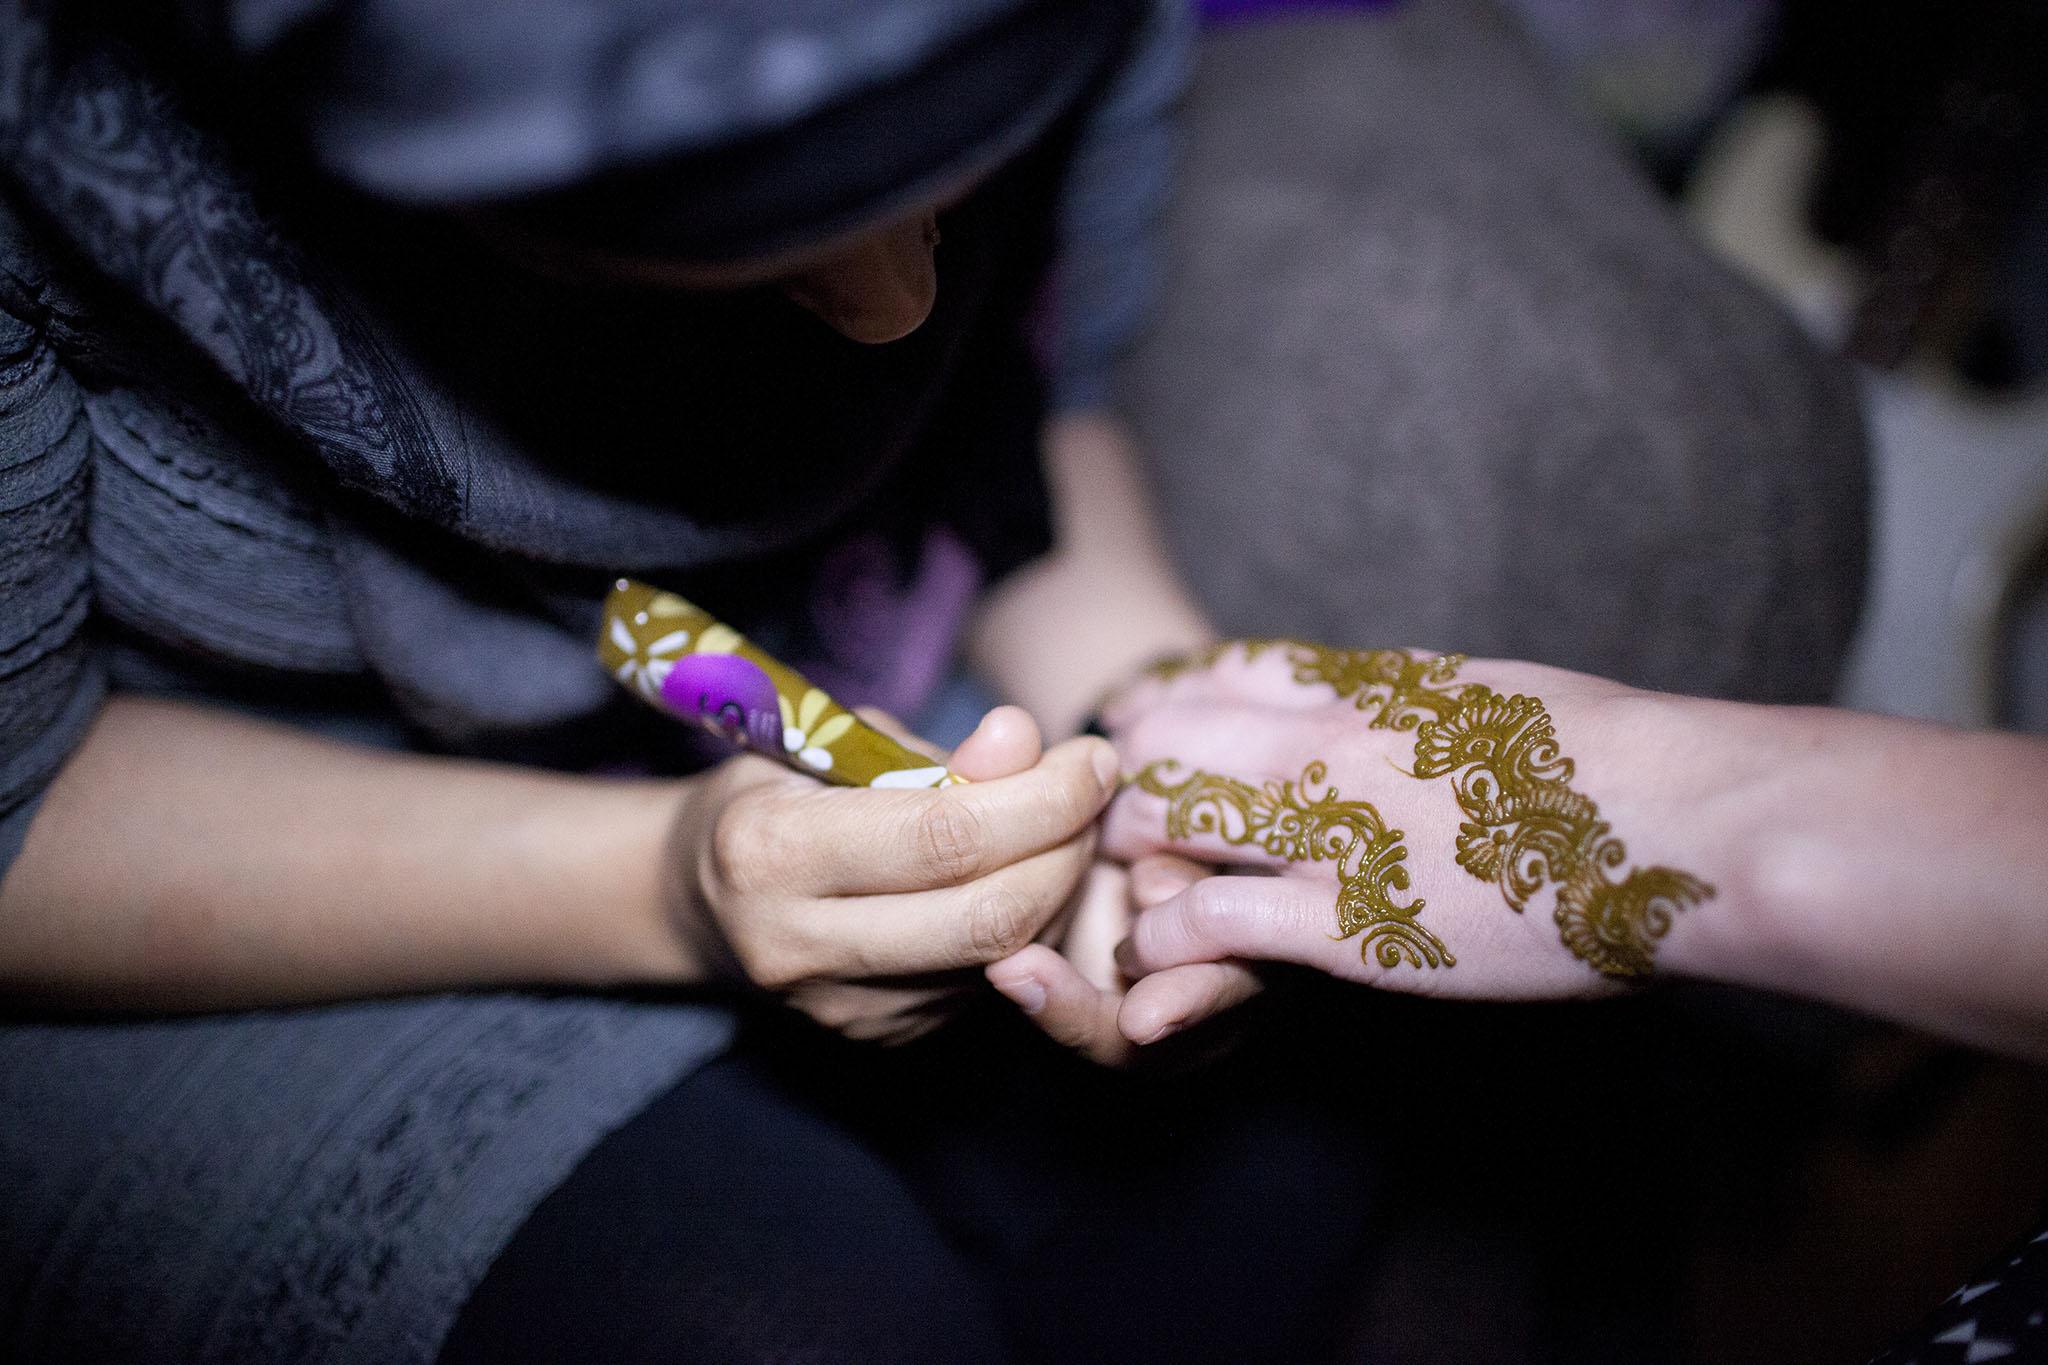 elizabethg_fineart_photography_hertfordshire_indian_wedding_mehndi_kundalata_02.jpg